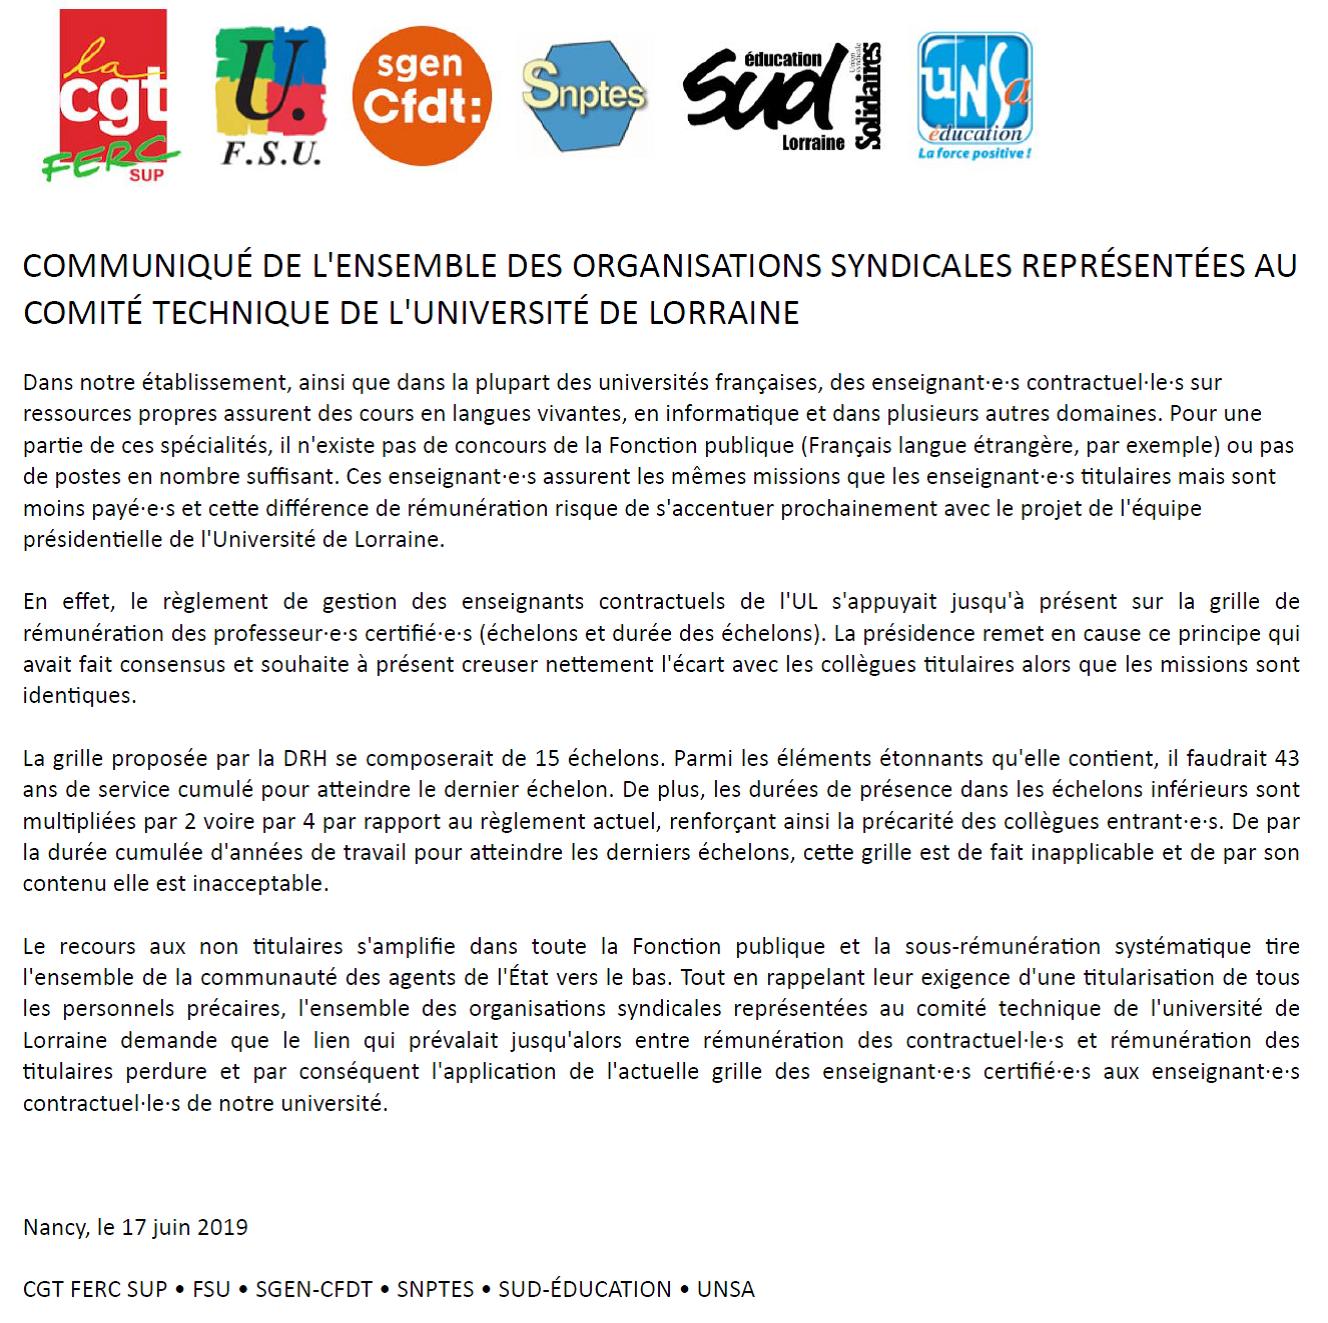 Communiqué intersyndical sur le traitement des enseignants contractuels à l'université de Lorraine